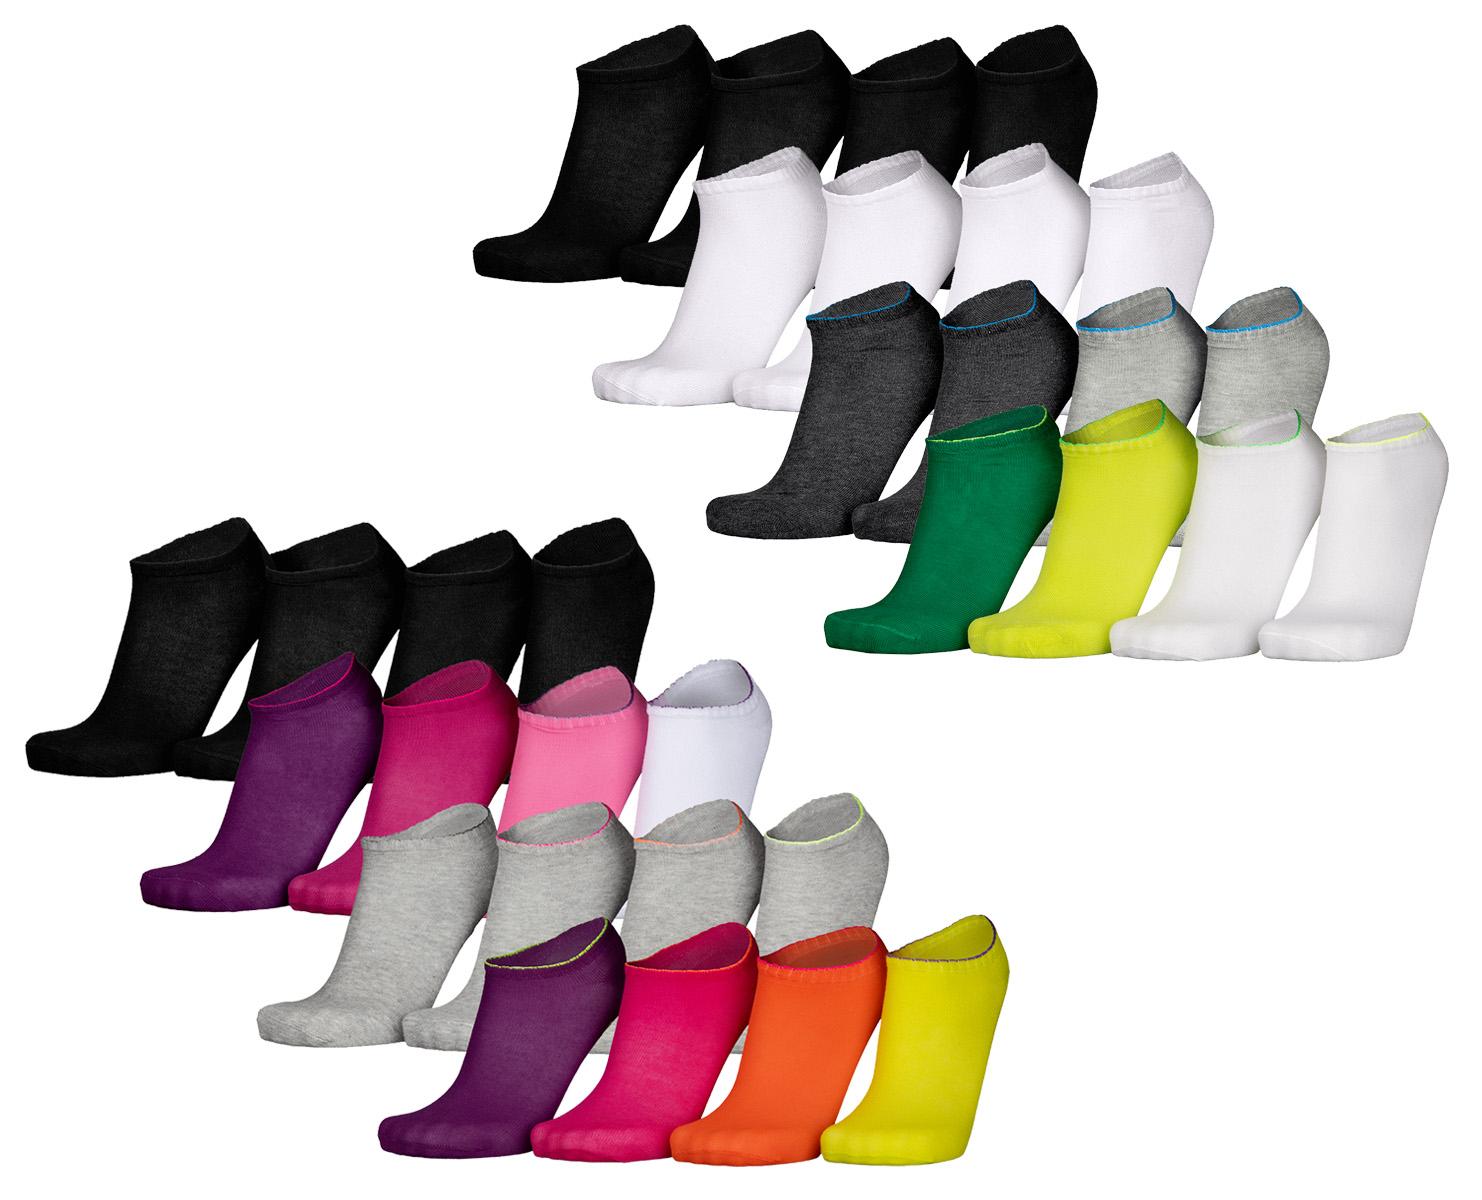 Lot de 36 paires de chaussettes Skechers - Tailles 35/38, 39/42, 43/46 et 47/49 - Coupe basse ou cheville - Plusieurs coloris